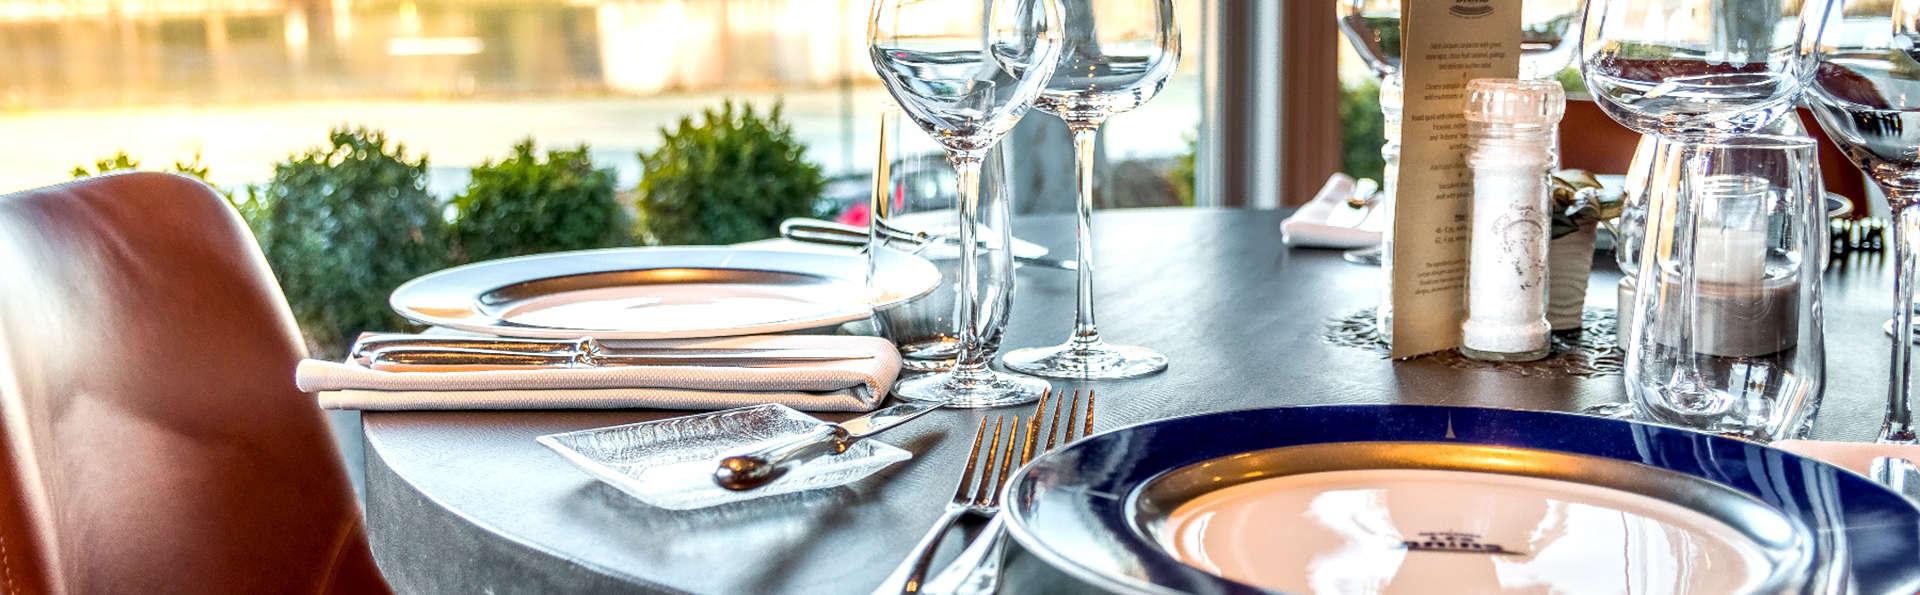 Plaisir culinaire et relaxant dans un hôtel de luxe 5* près de Bruxelles